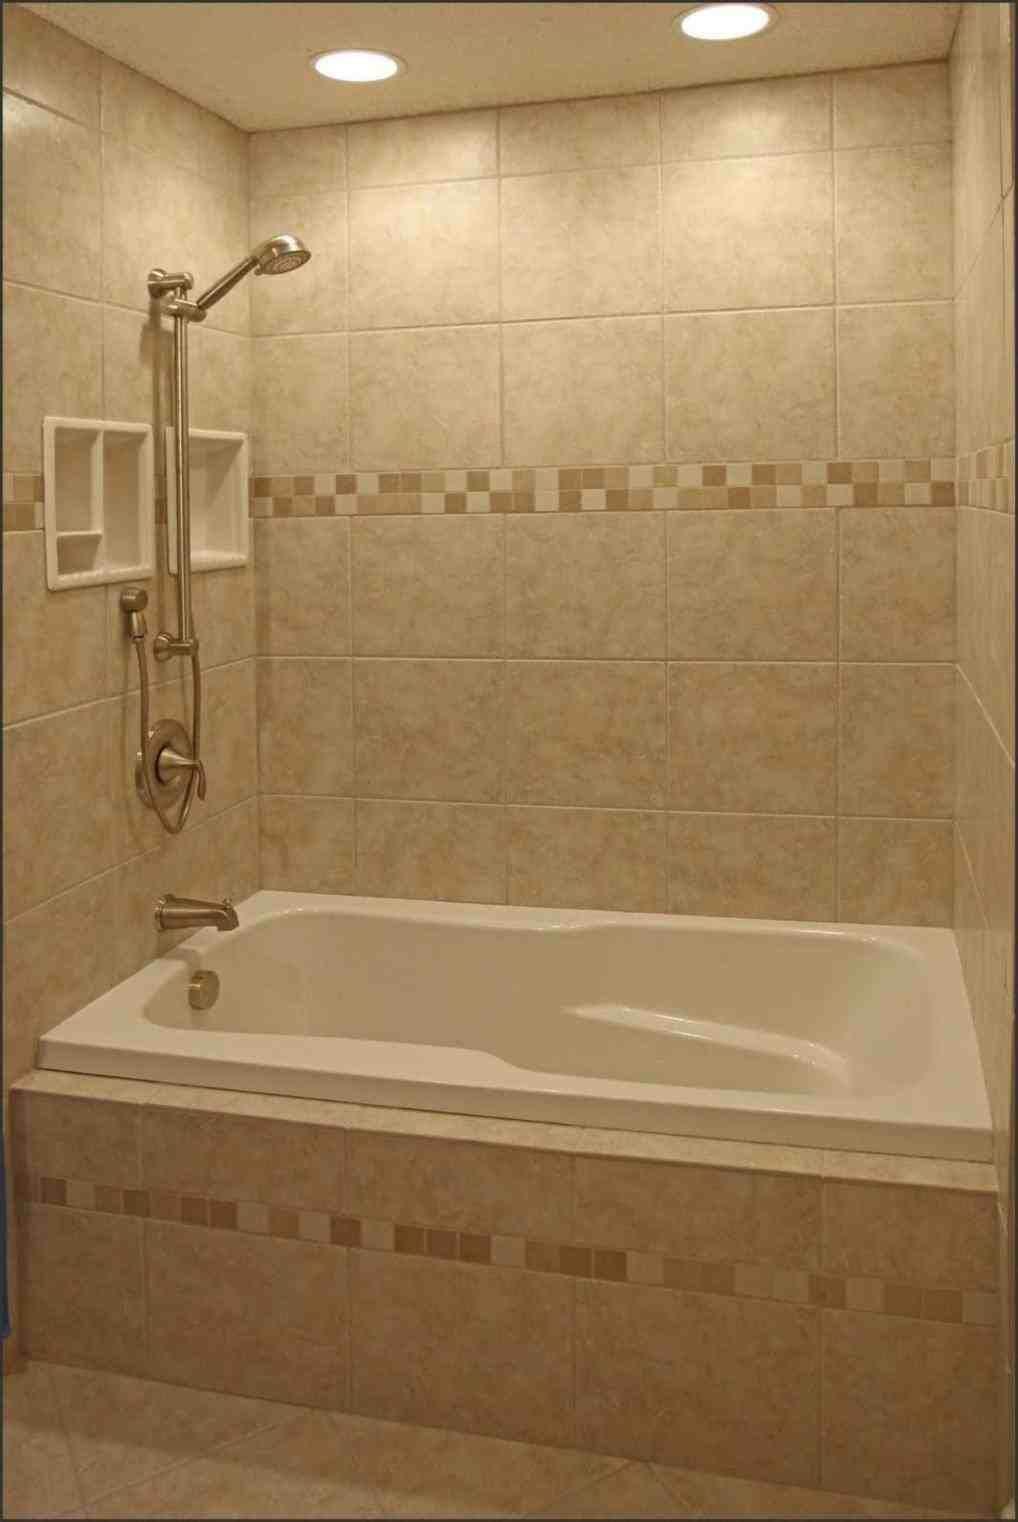 10 New Post Shower Jacuzzi Tub Combo Visit Bathideas Info